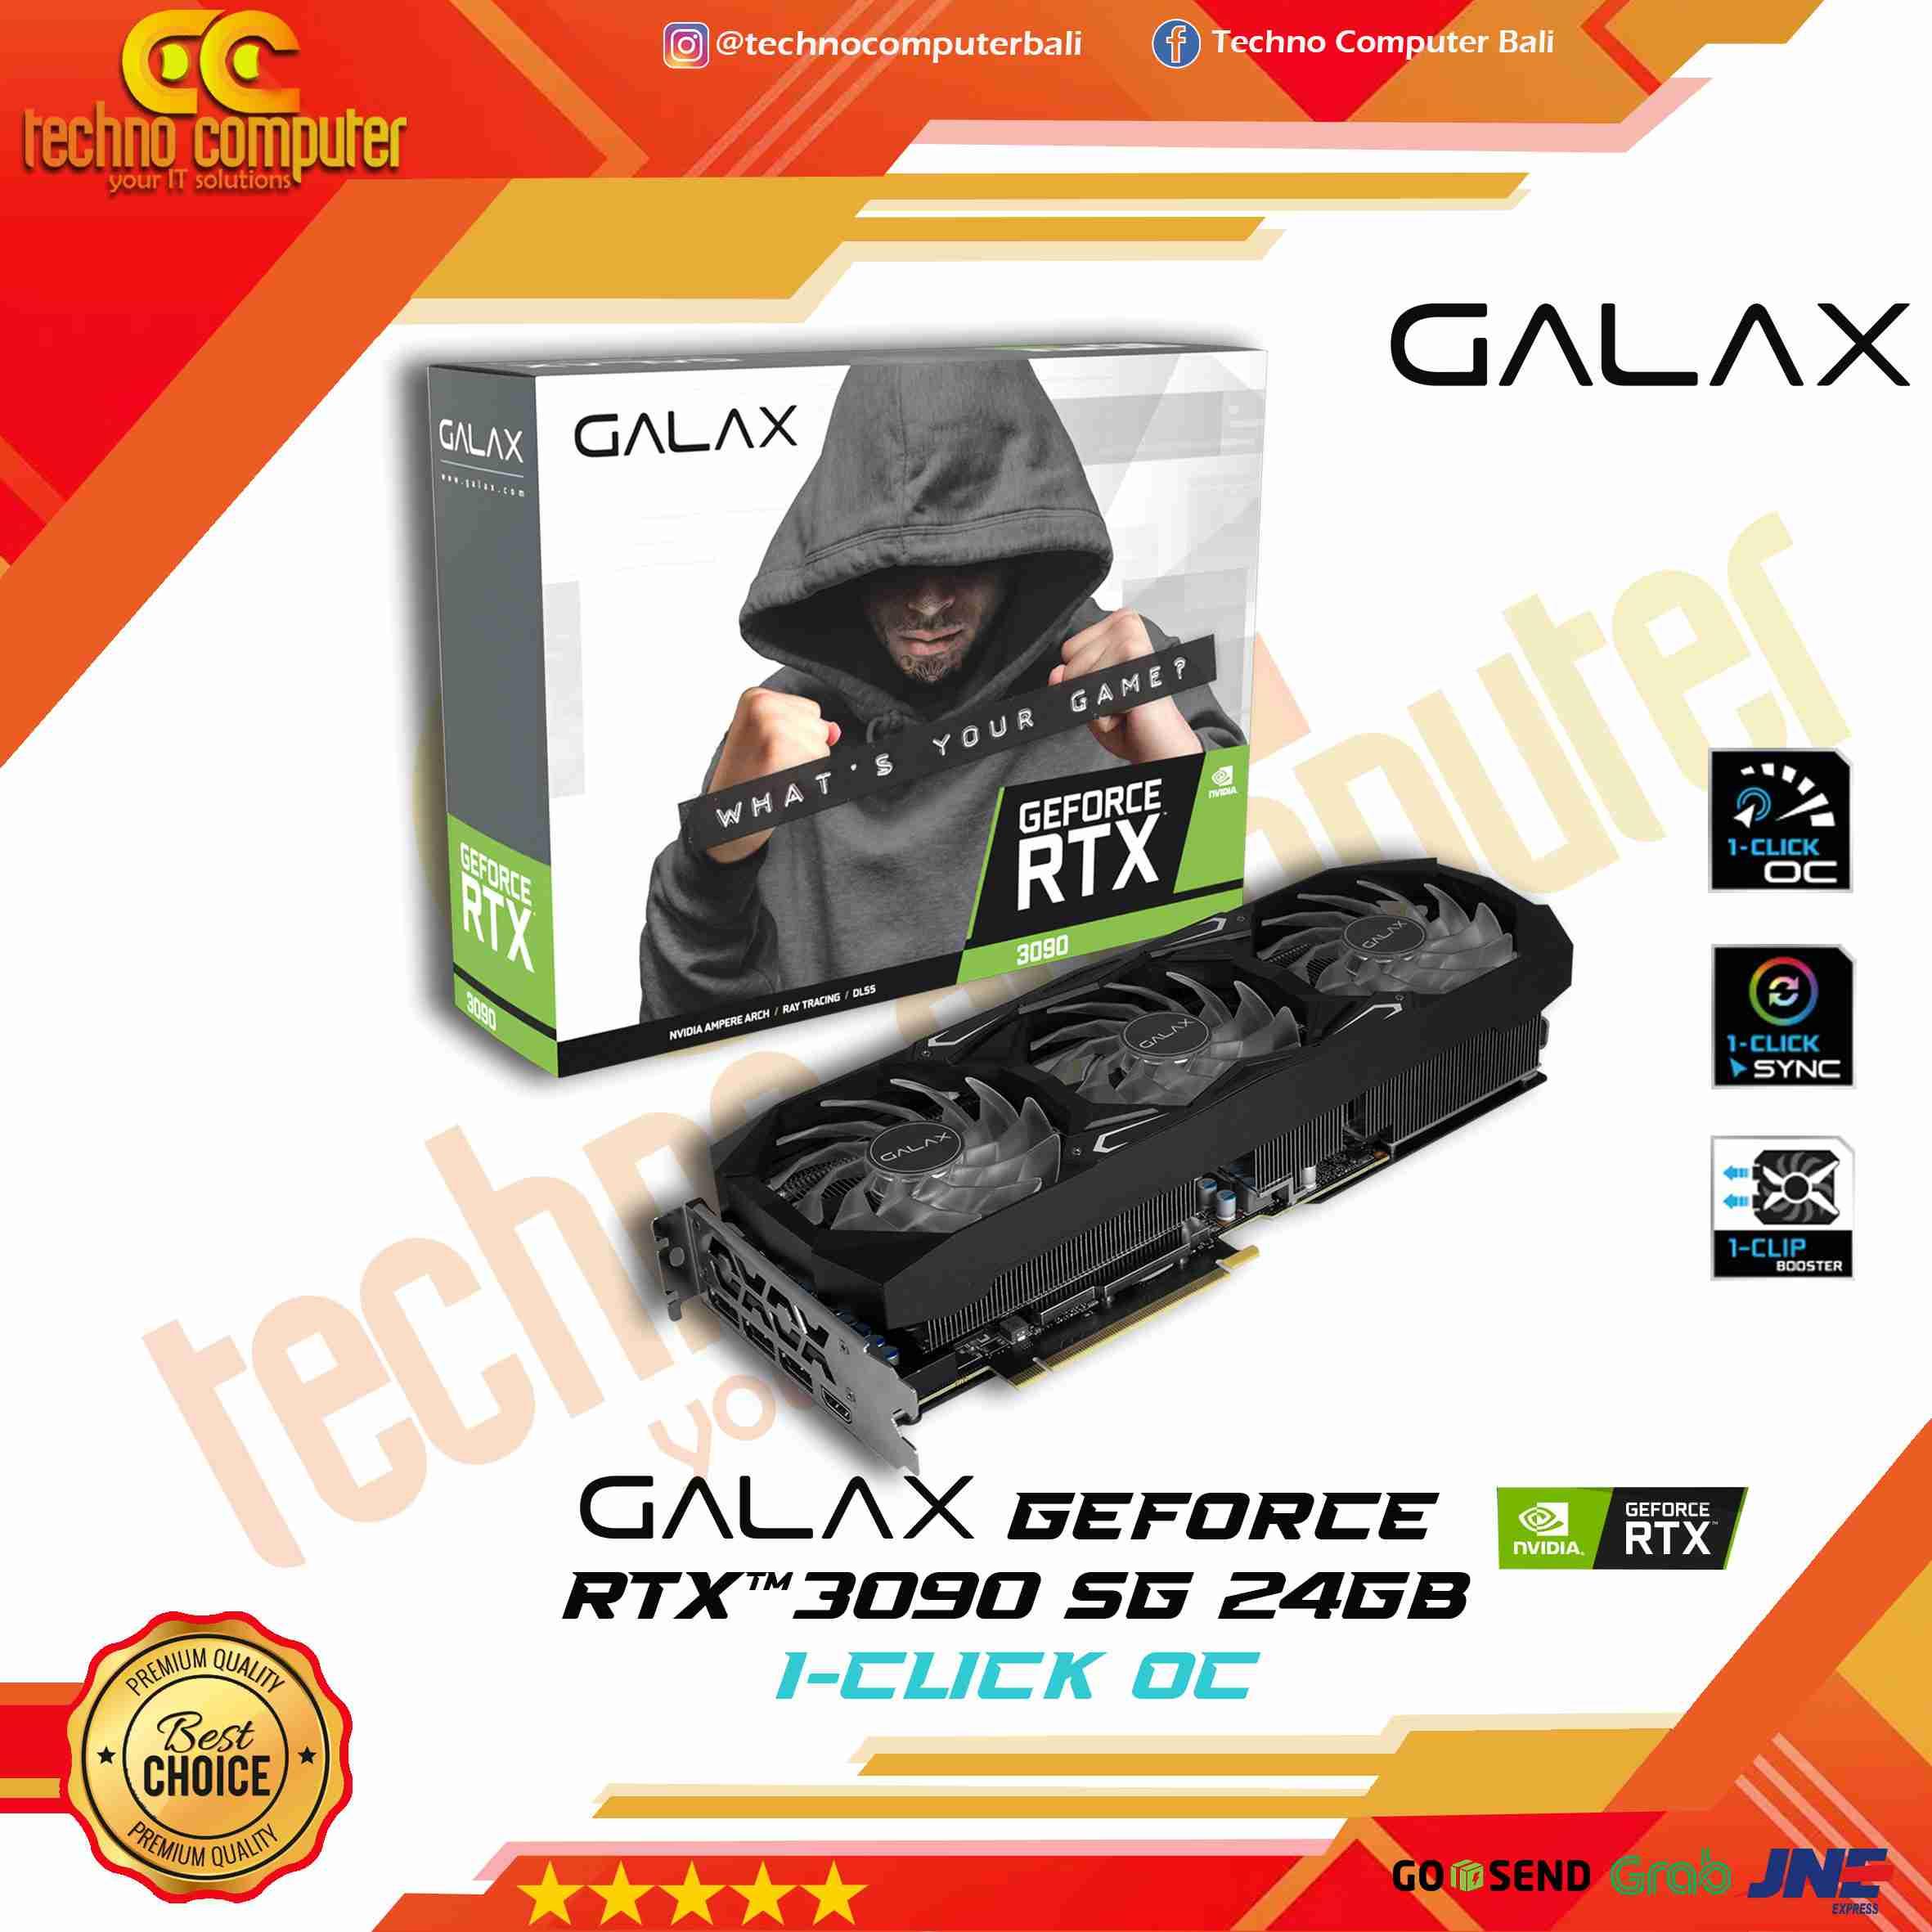 GALAX NVIDIA RTX 3090 SG (1-CLICK OC) 24Gb - GEFORCE RTX3090